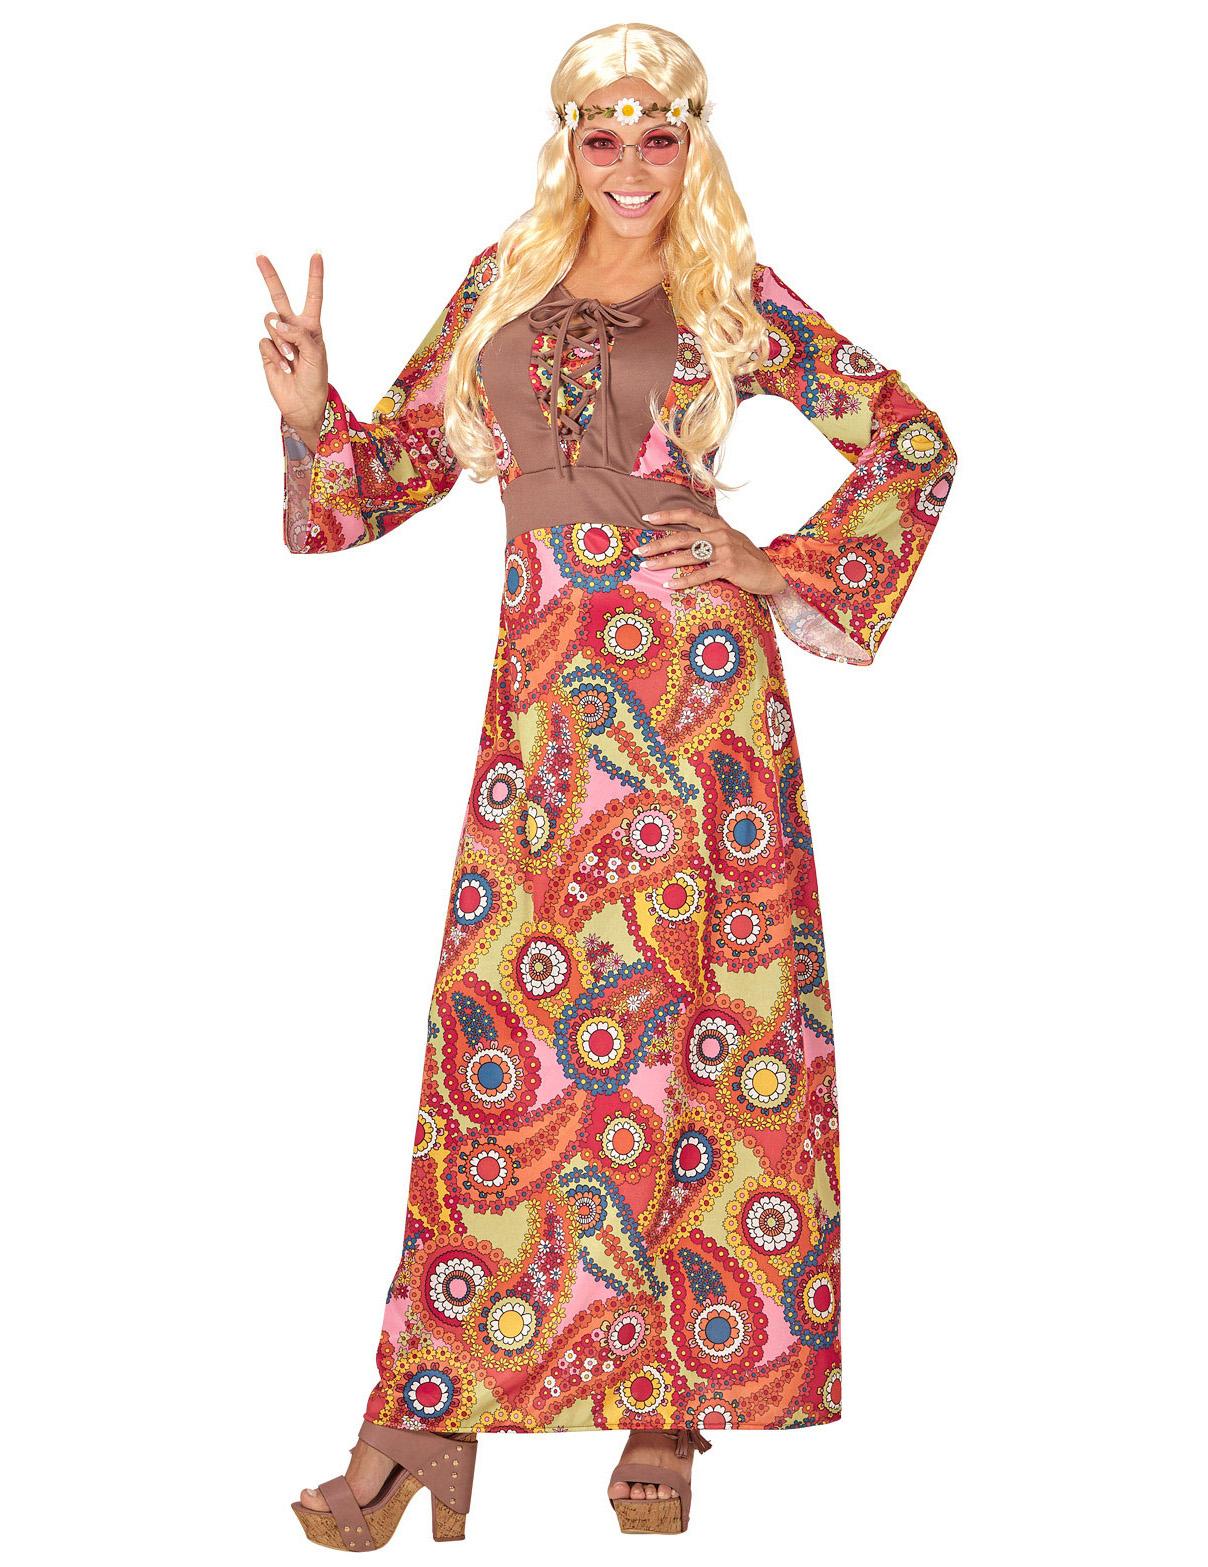 0e41e700f2fa Disfraz hippie vestido largo multicolor mujer